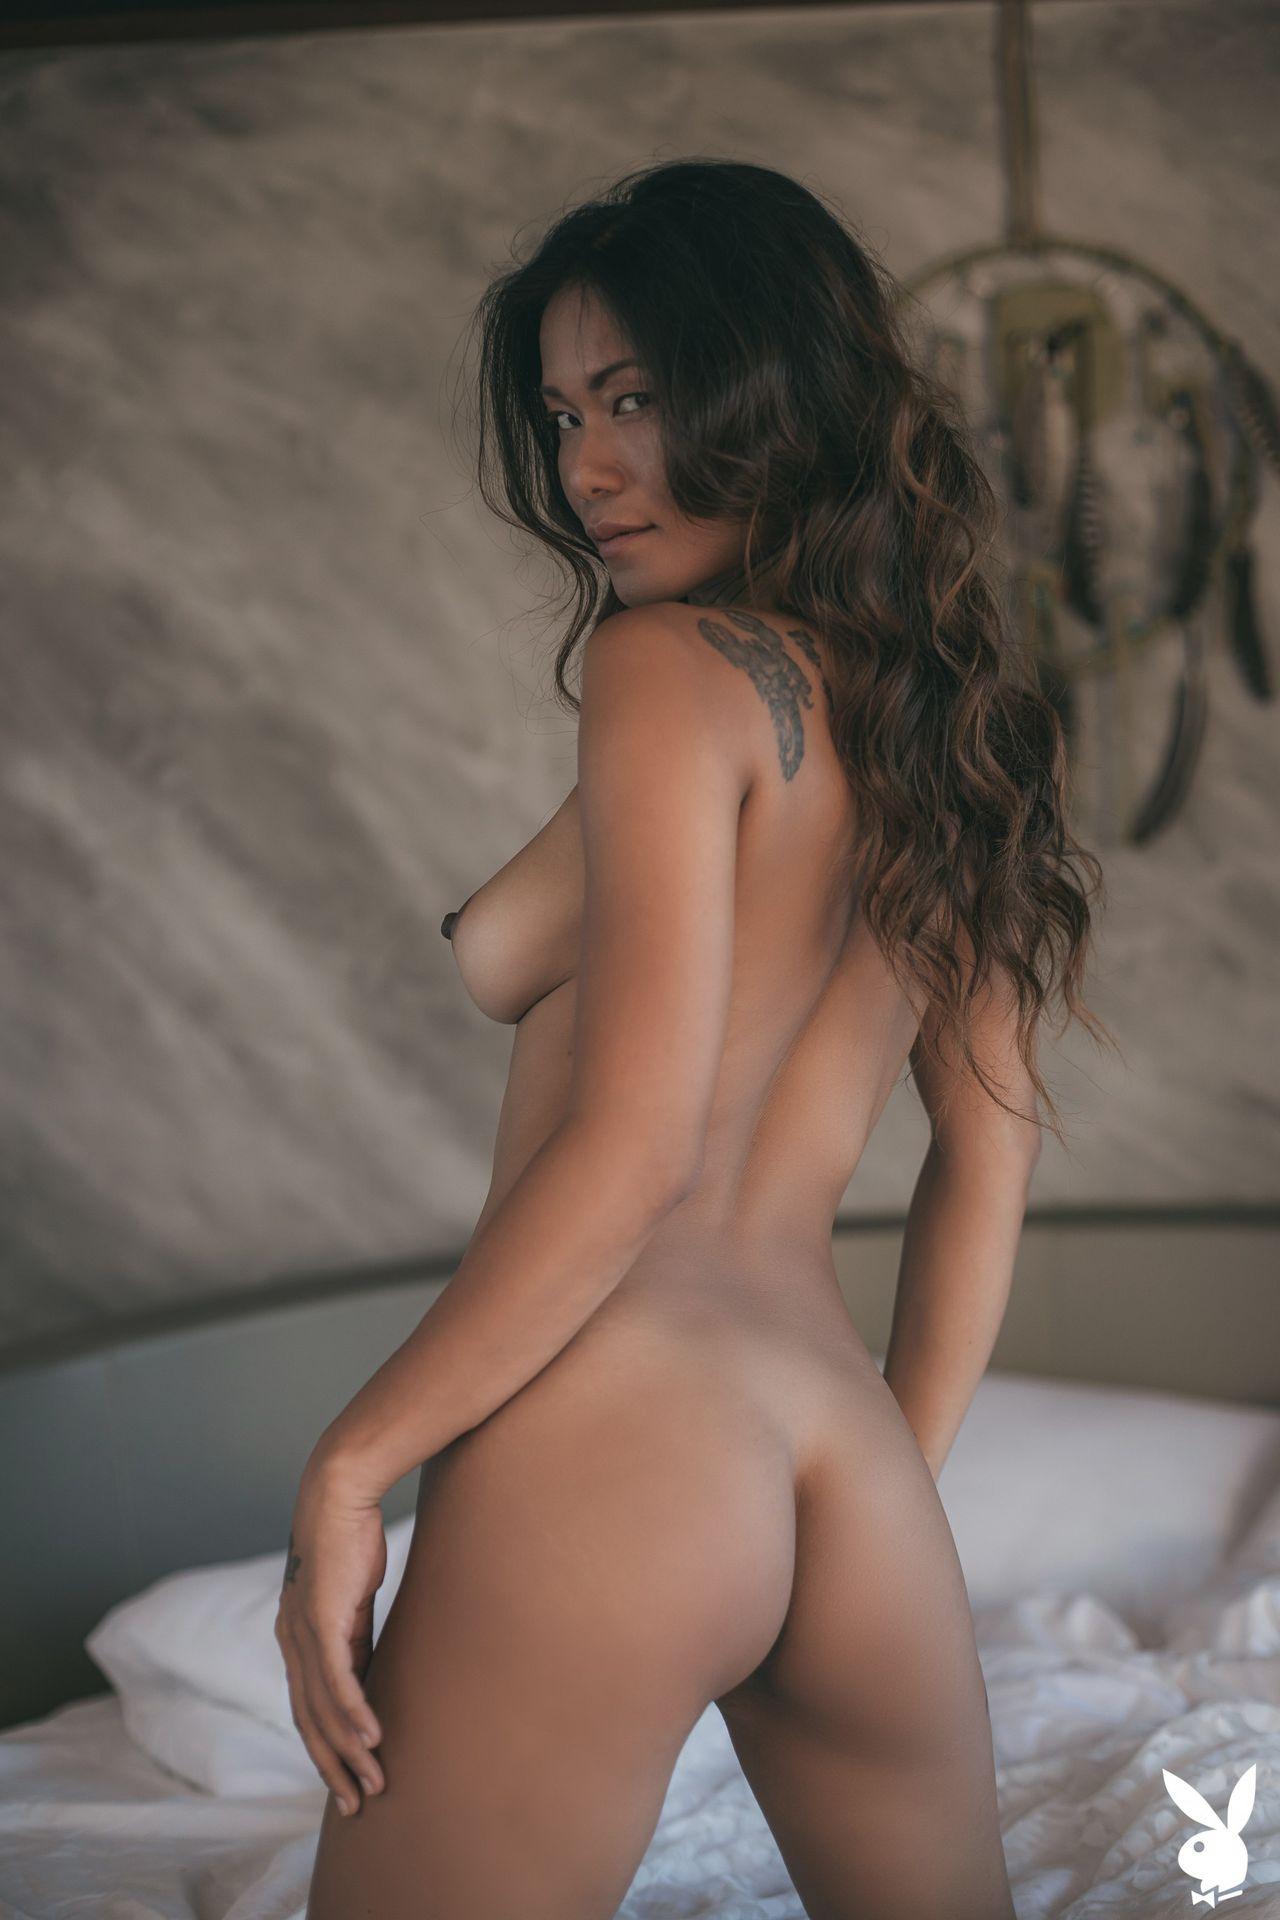 Dream nude sexy